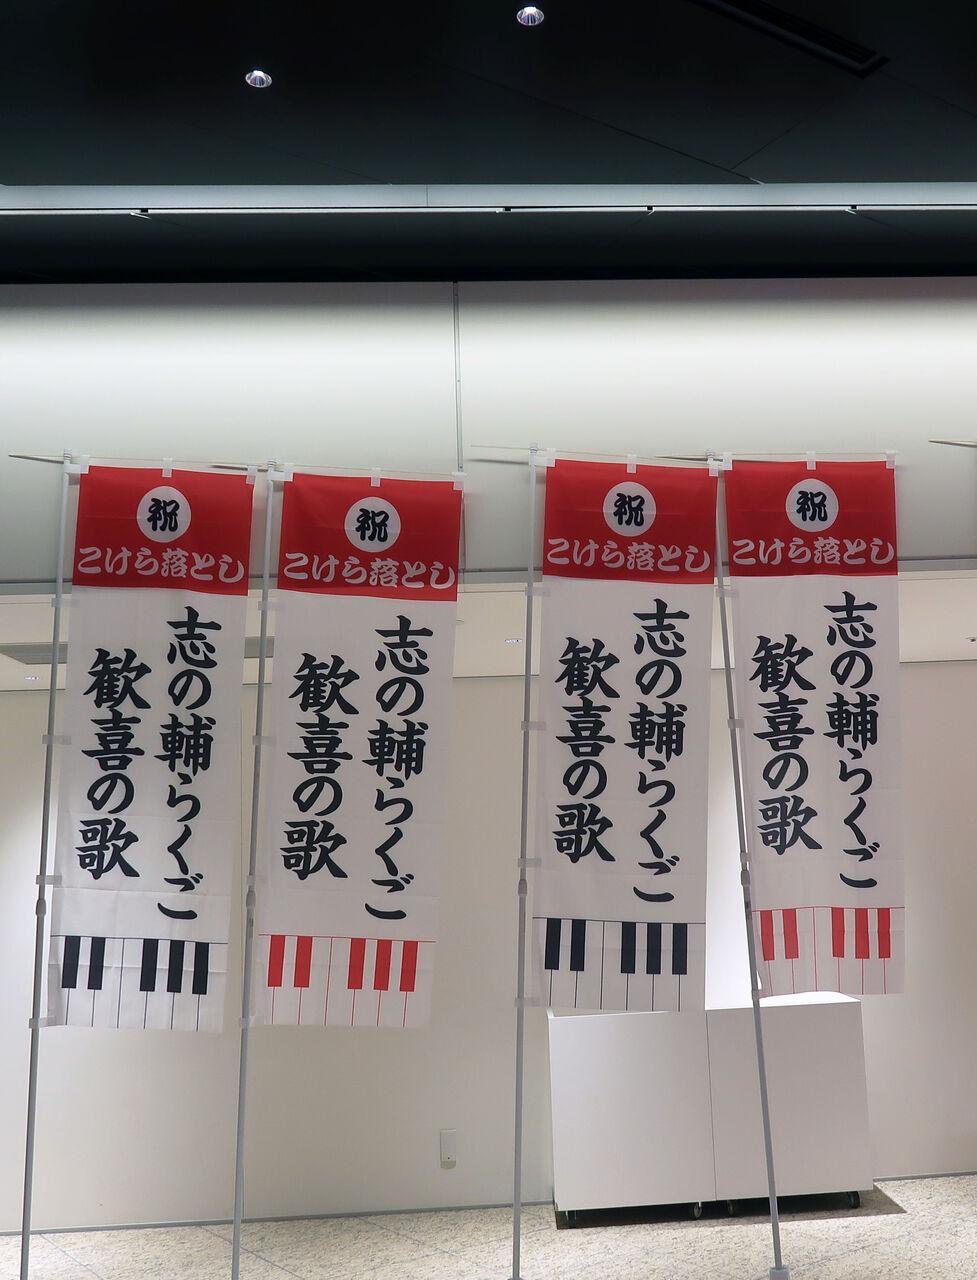 志の輔らくご ~歓喜の歌~ 東京建物ブリリアホール こけら落とし ...